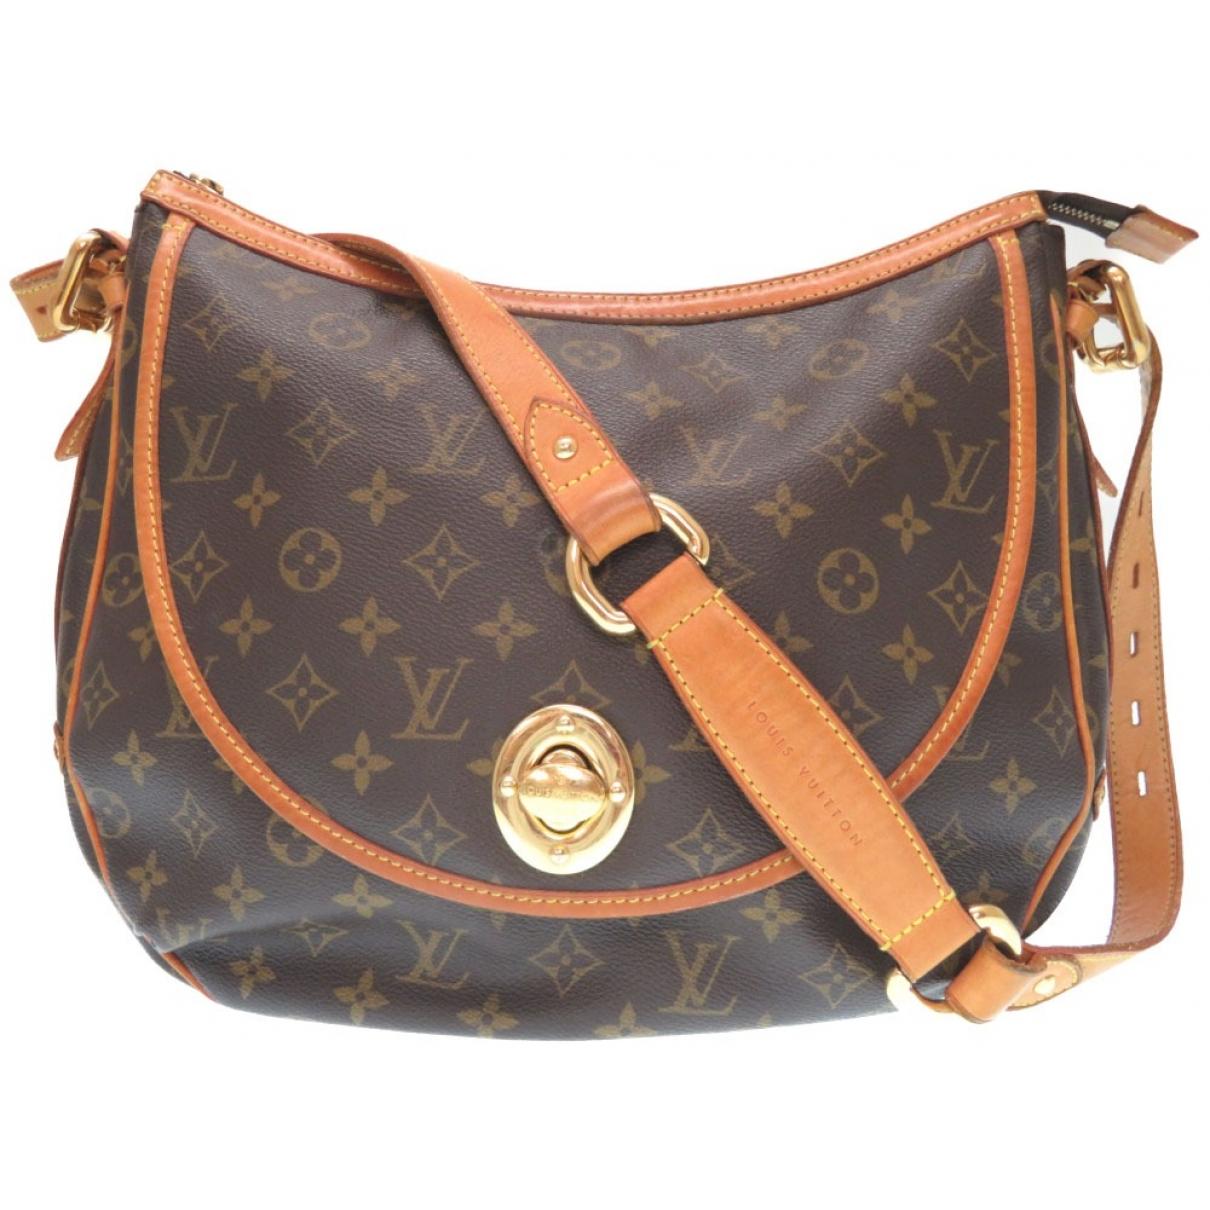 Louis Vuitton - Sac a main Tulum pour femme en toile - marron